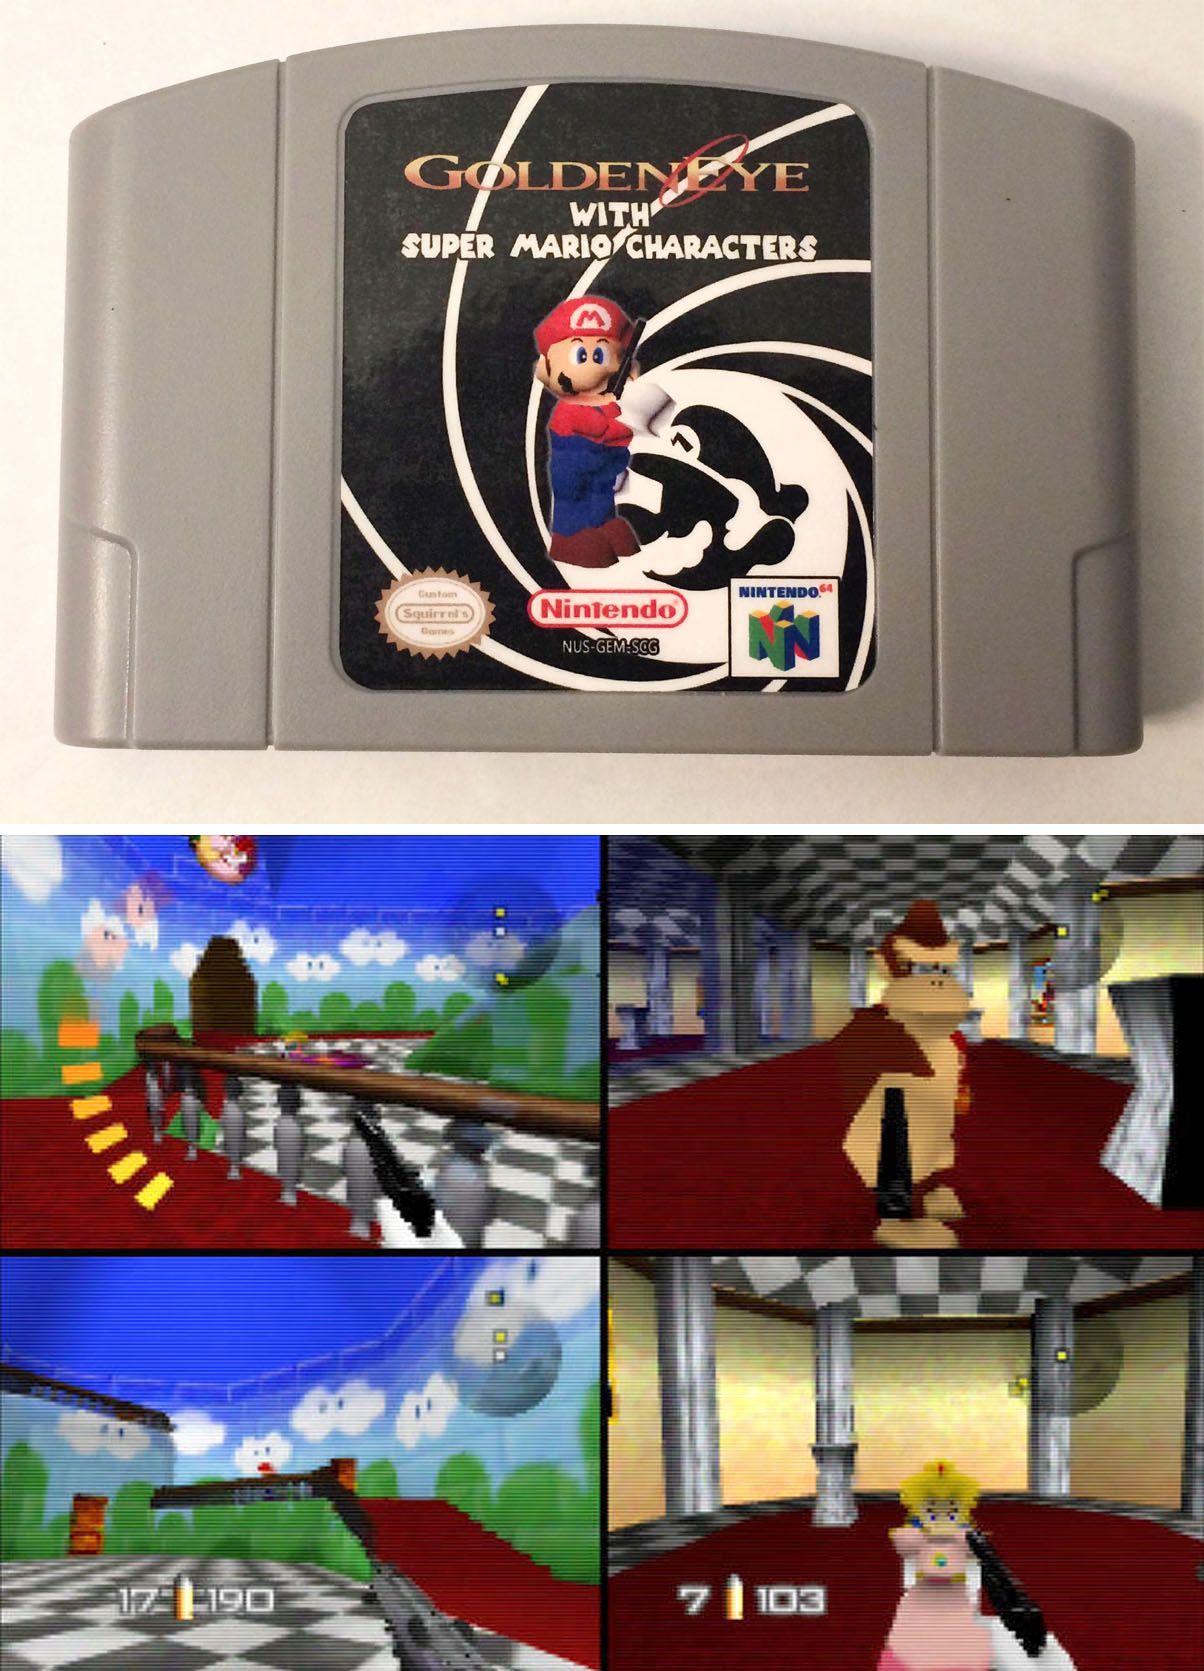 Super Mario 64 GoldenEye Hack | crossovers | Super mario